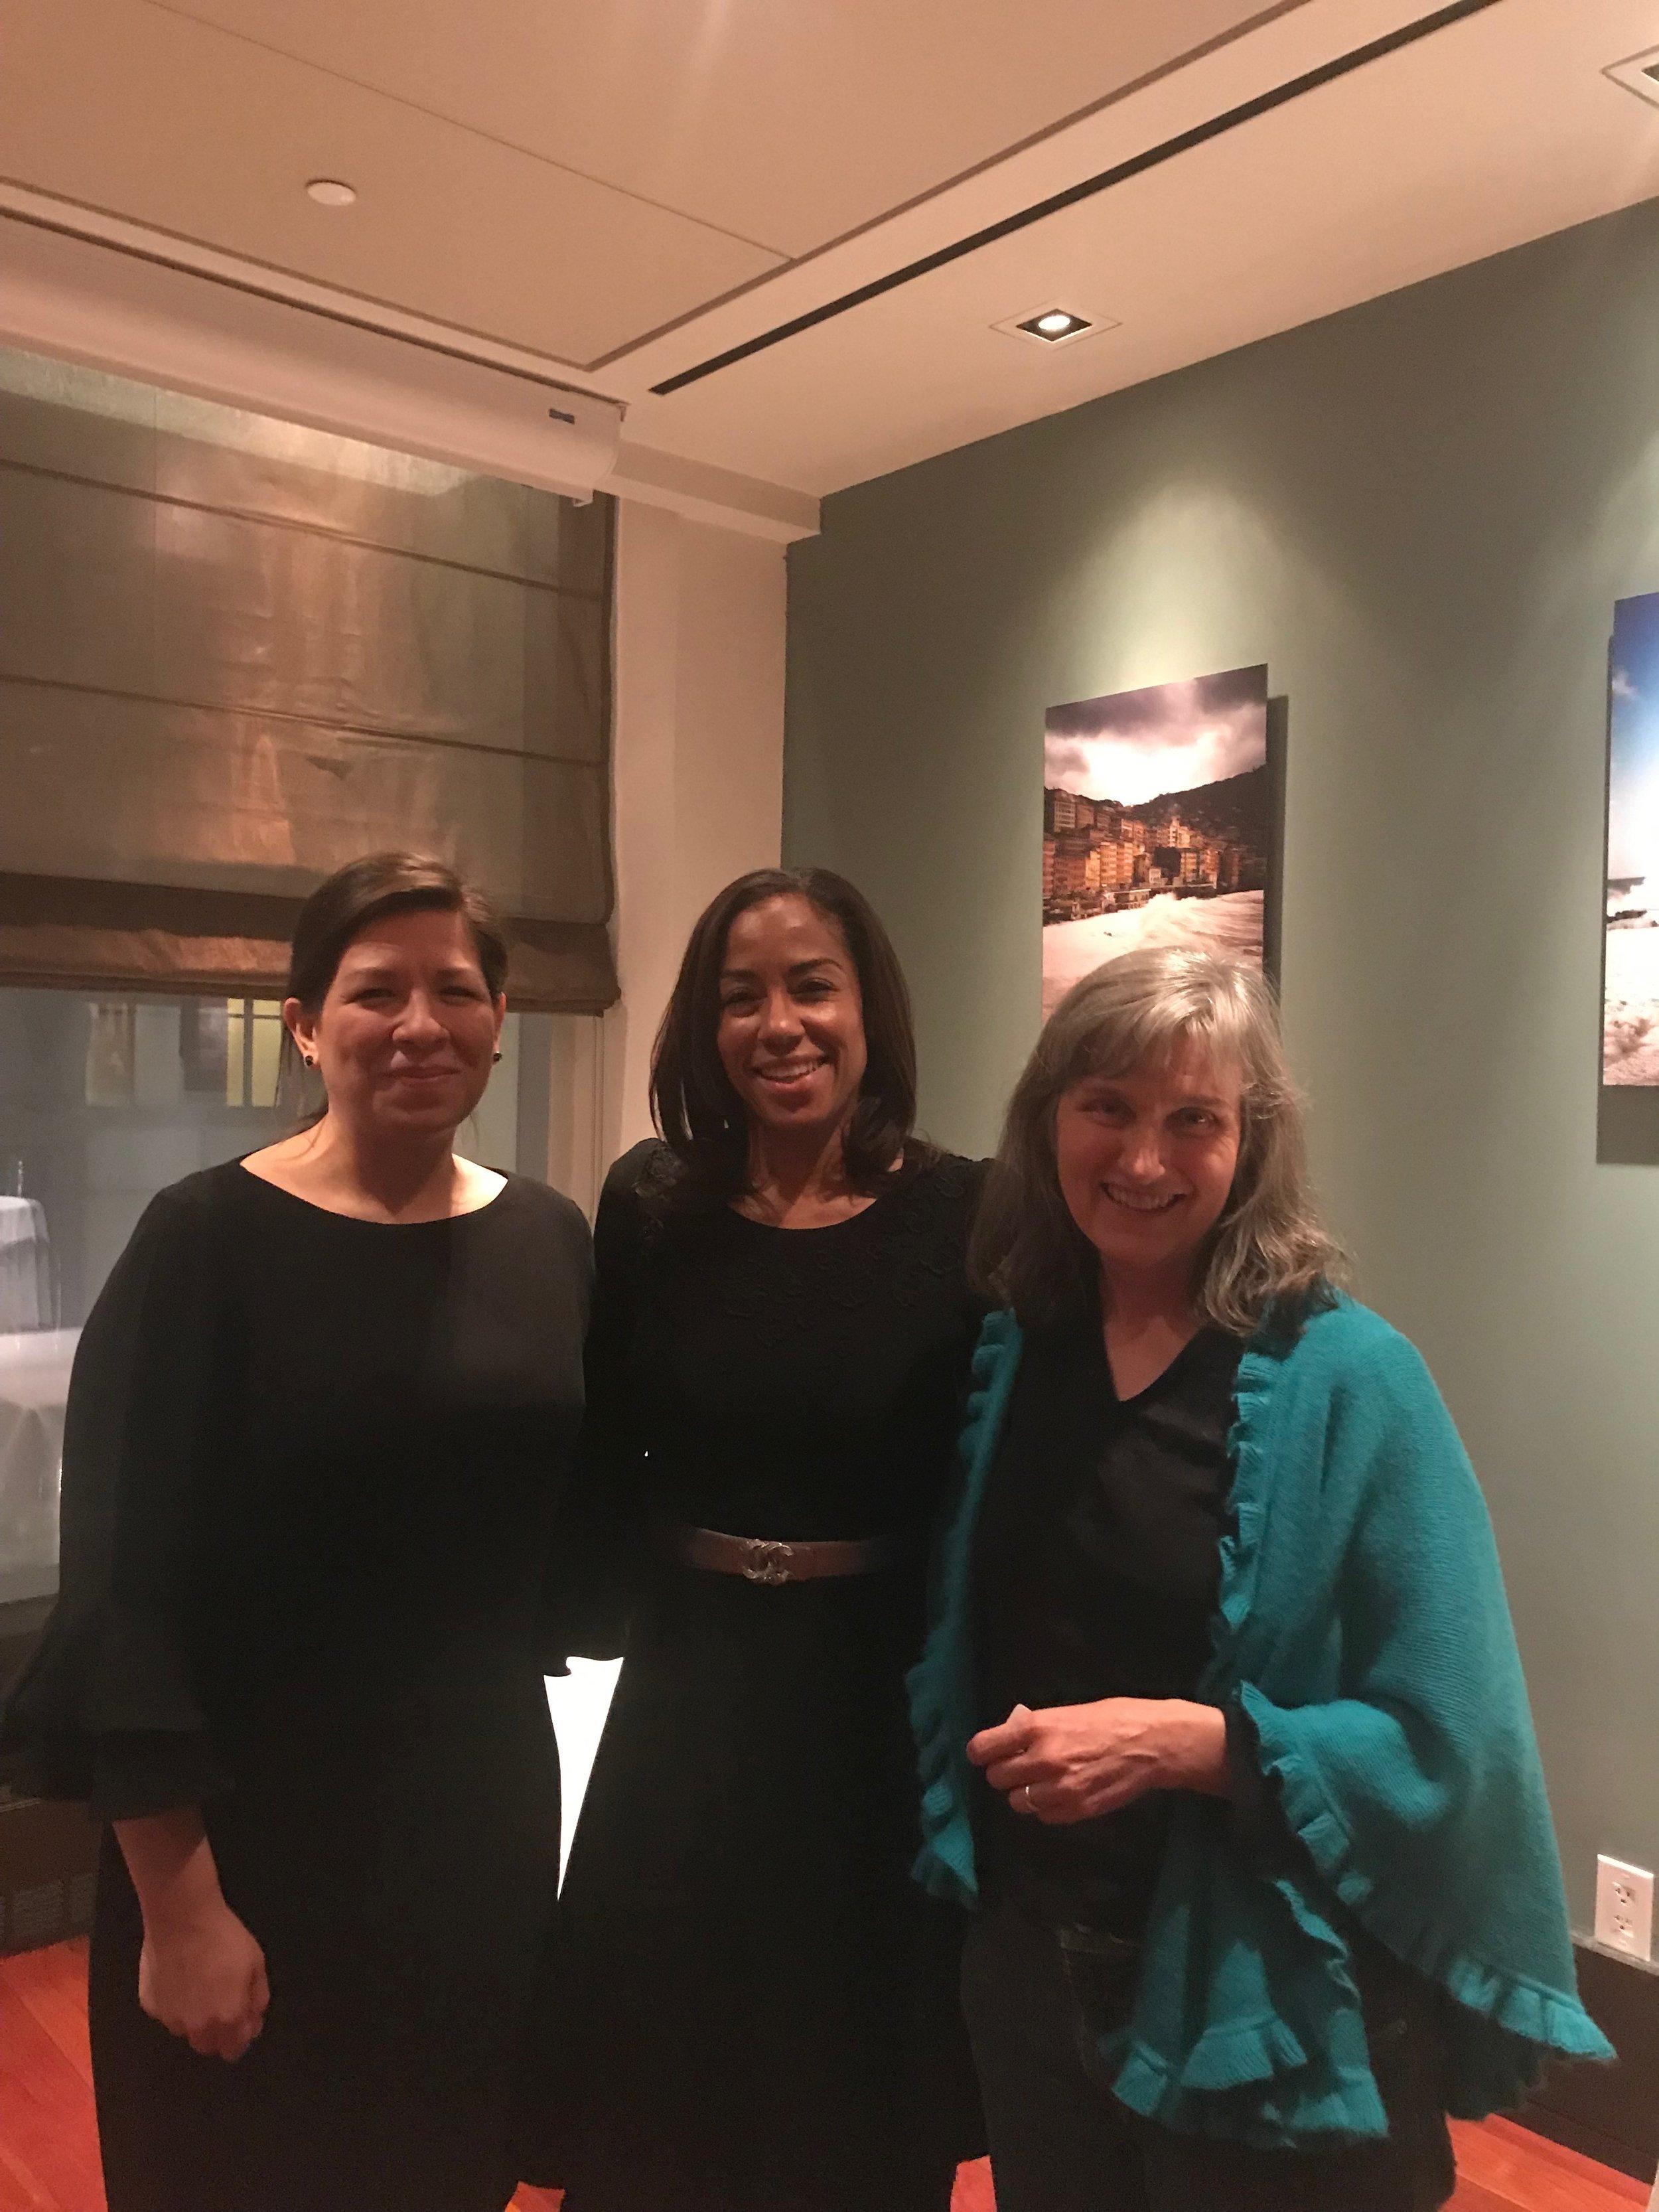 At the Renewal Awards Dinner